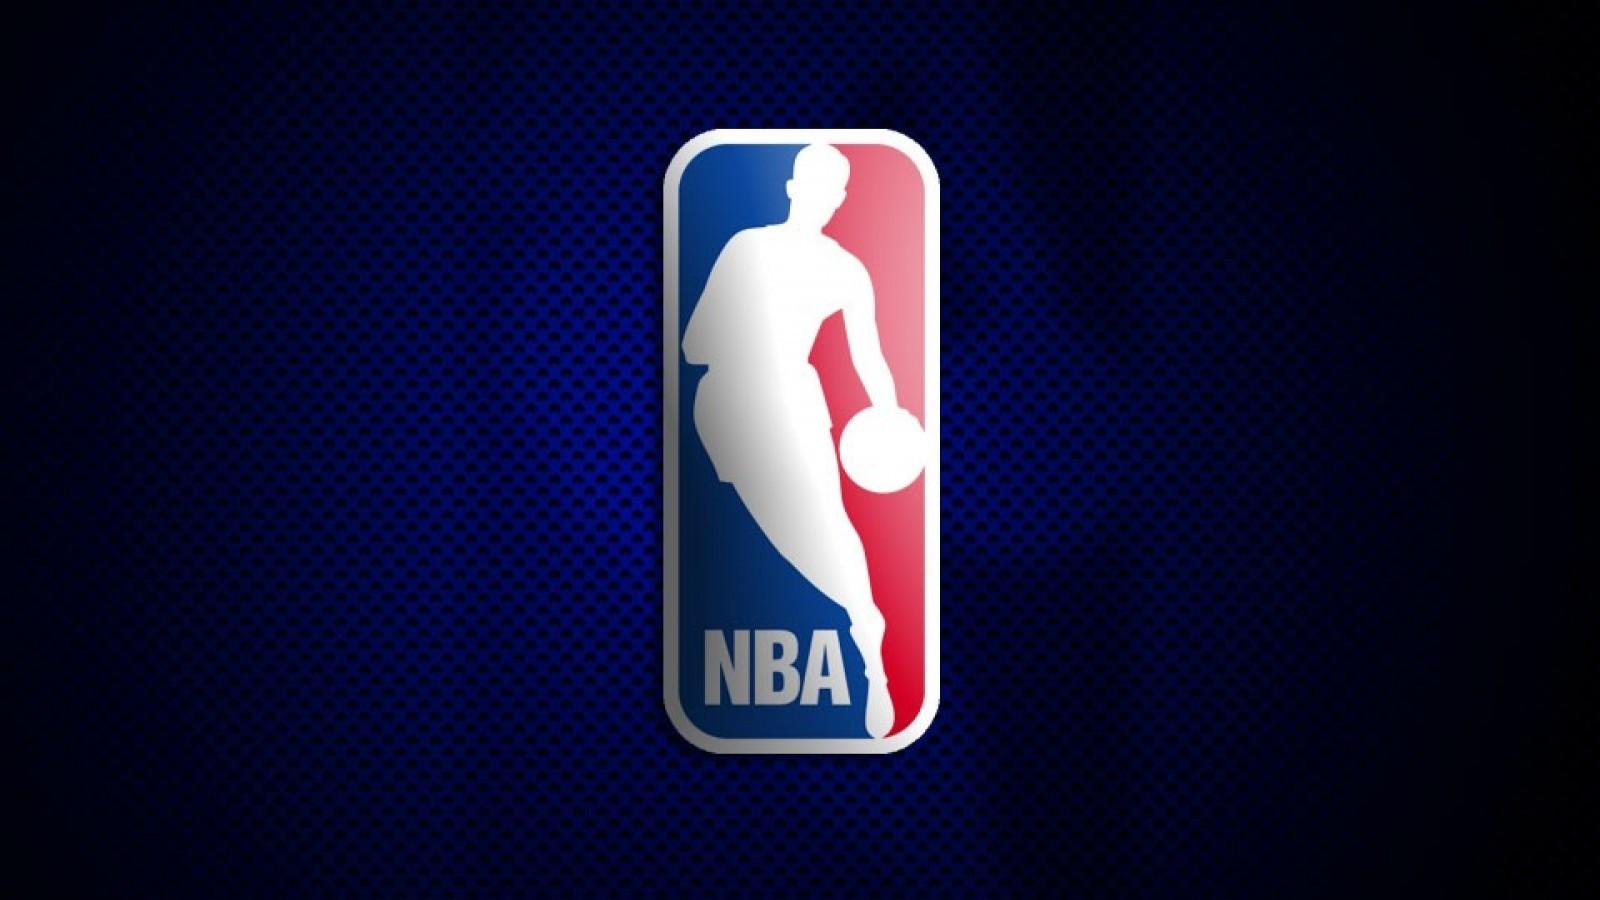 Найкращі моменти матчів НБА 31 жовтня